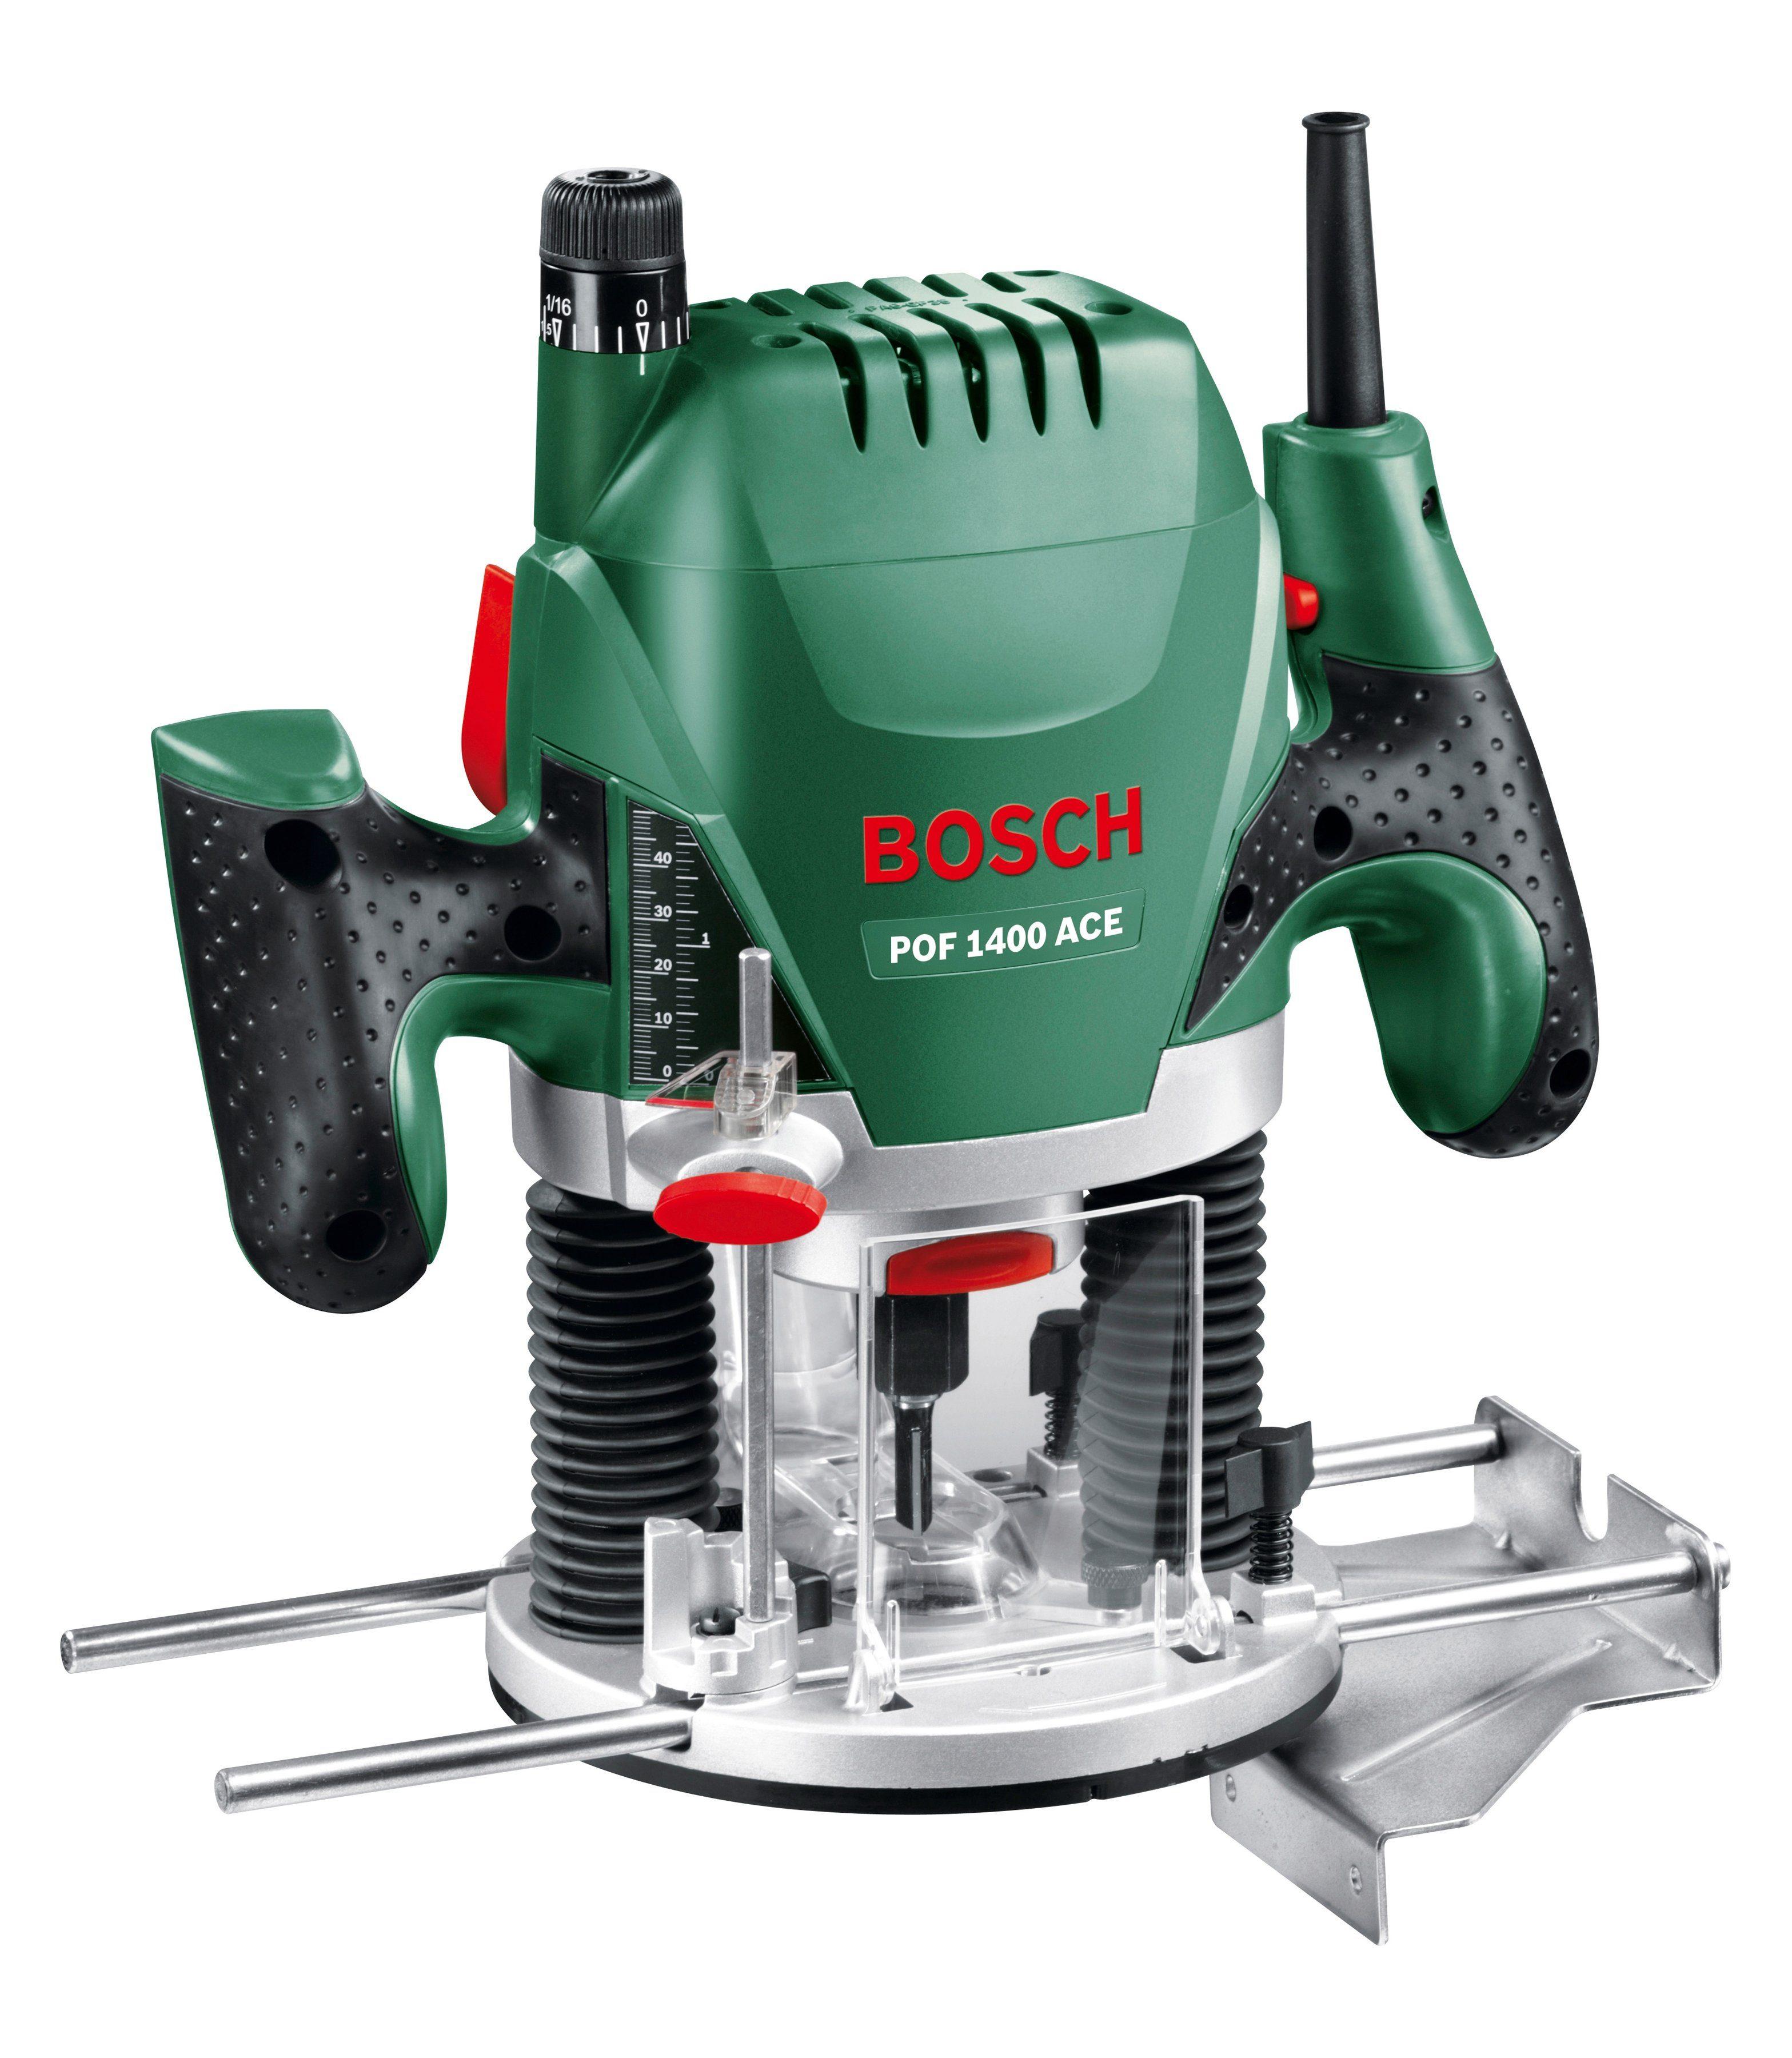 Bosch Oberfräse »POF 1400 ACE«